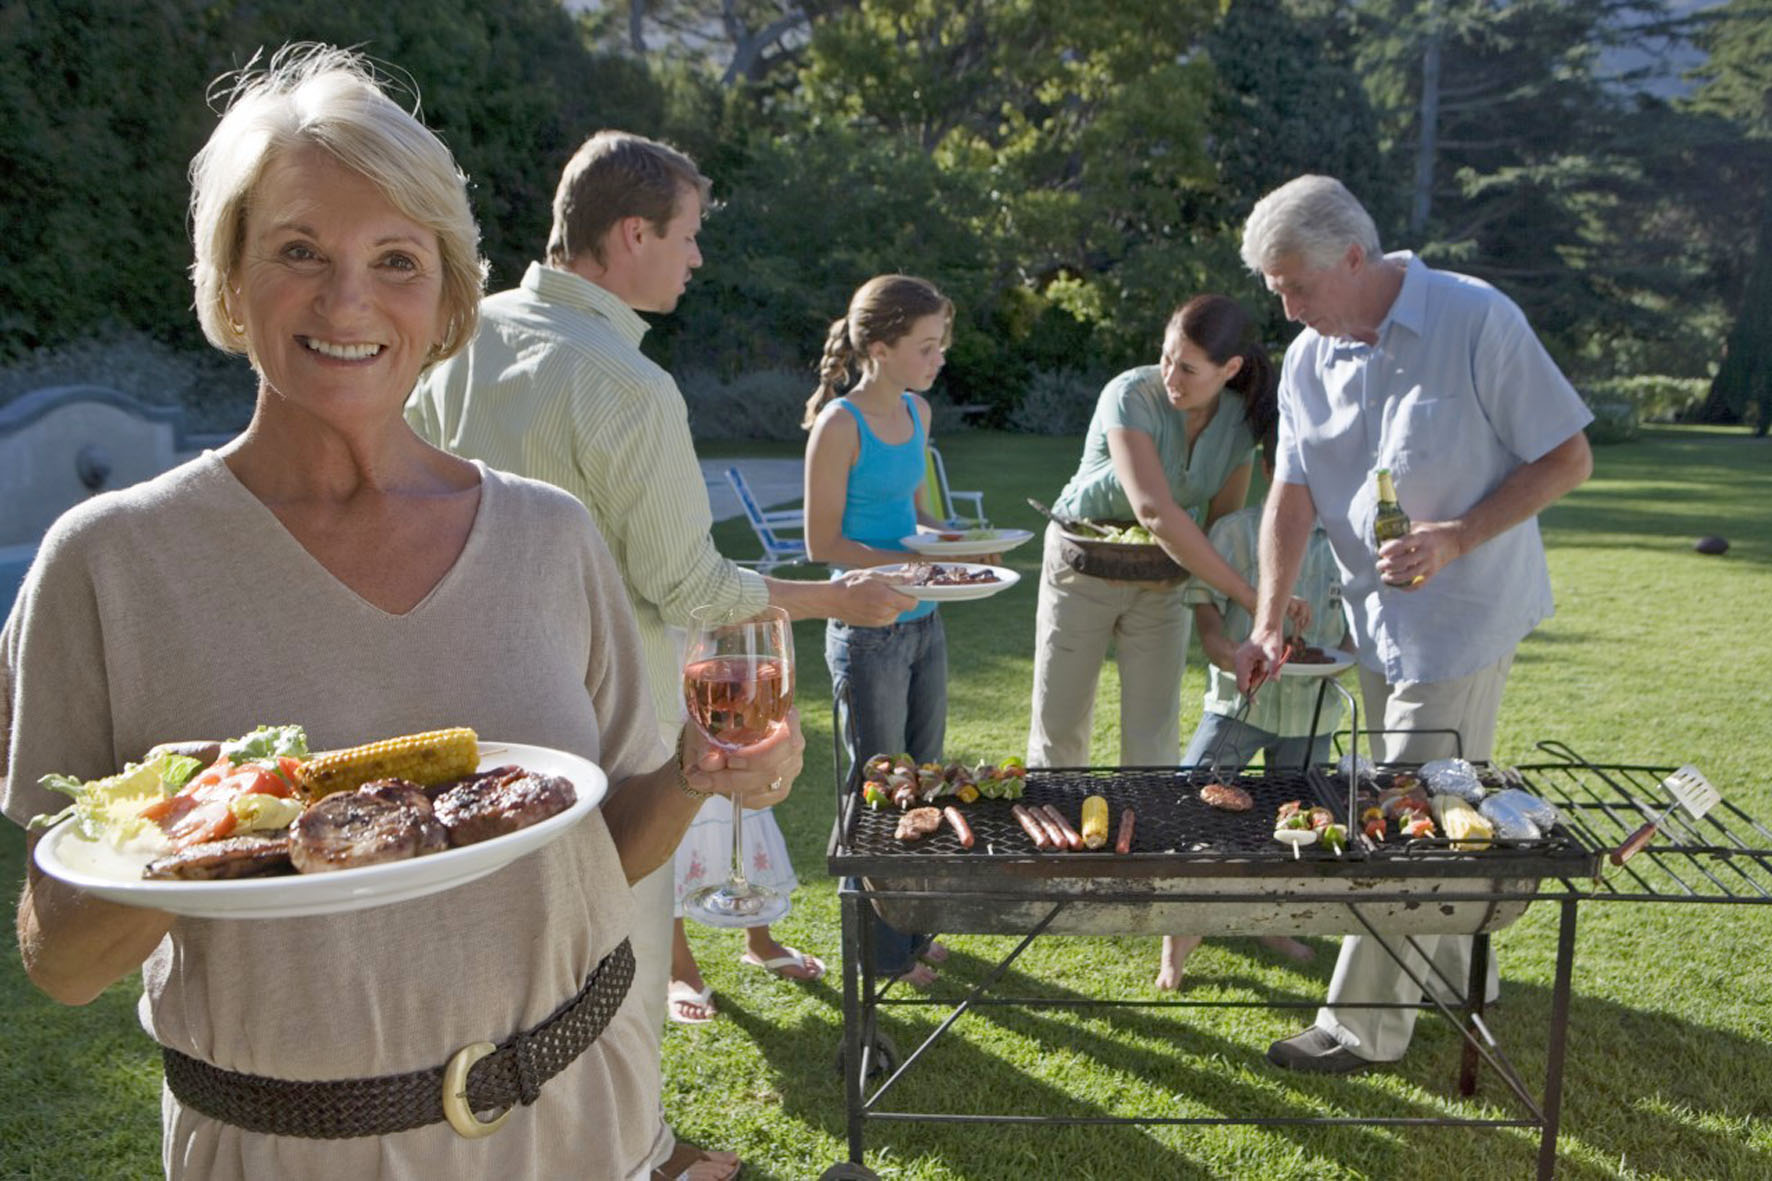 Die Gartenparty - ein Genuss für die ganze Familie. Foto: djd/Sanofi/Corbis